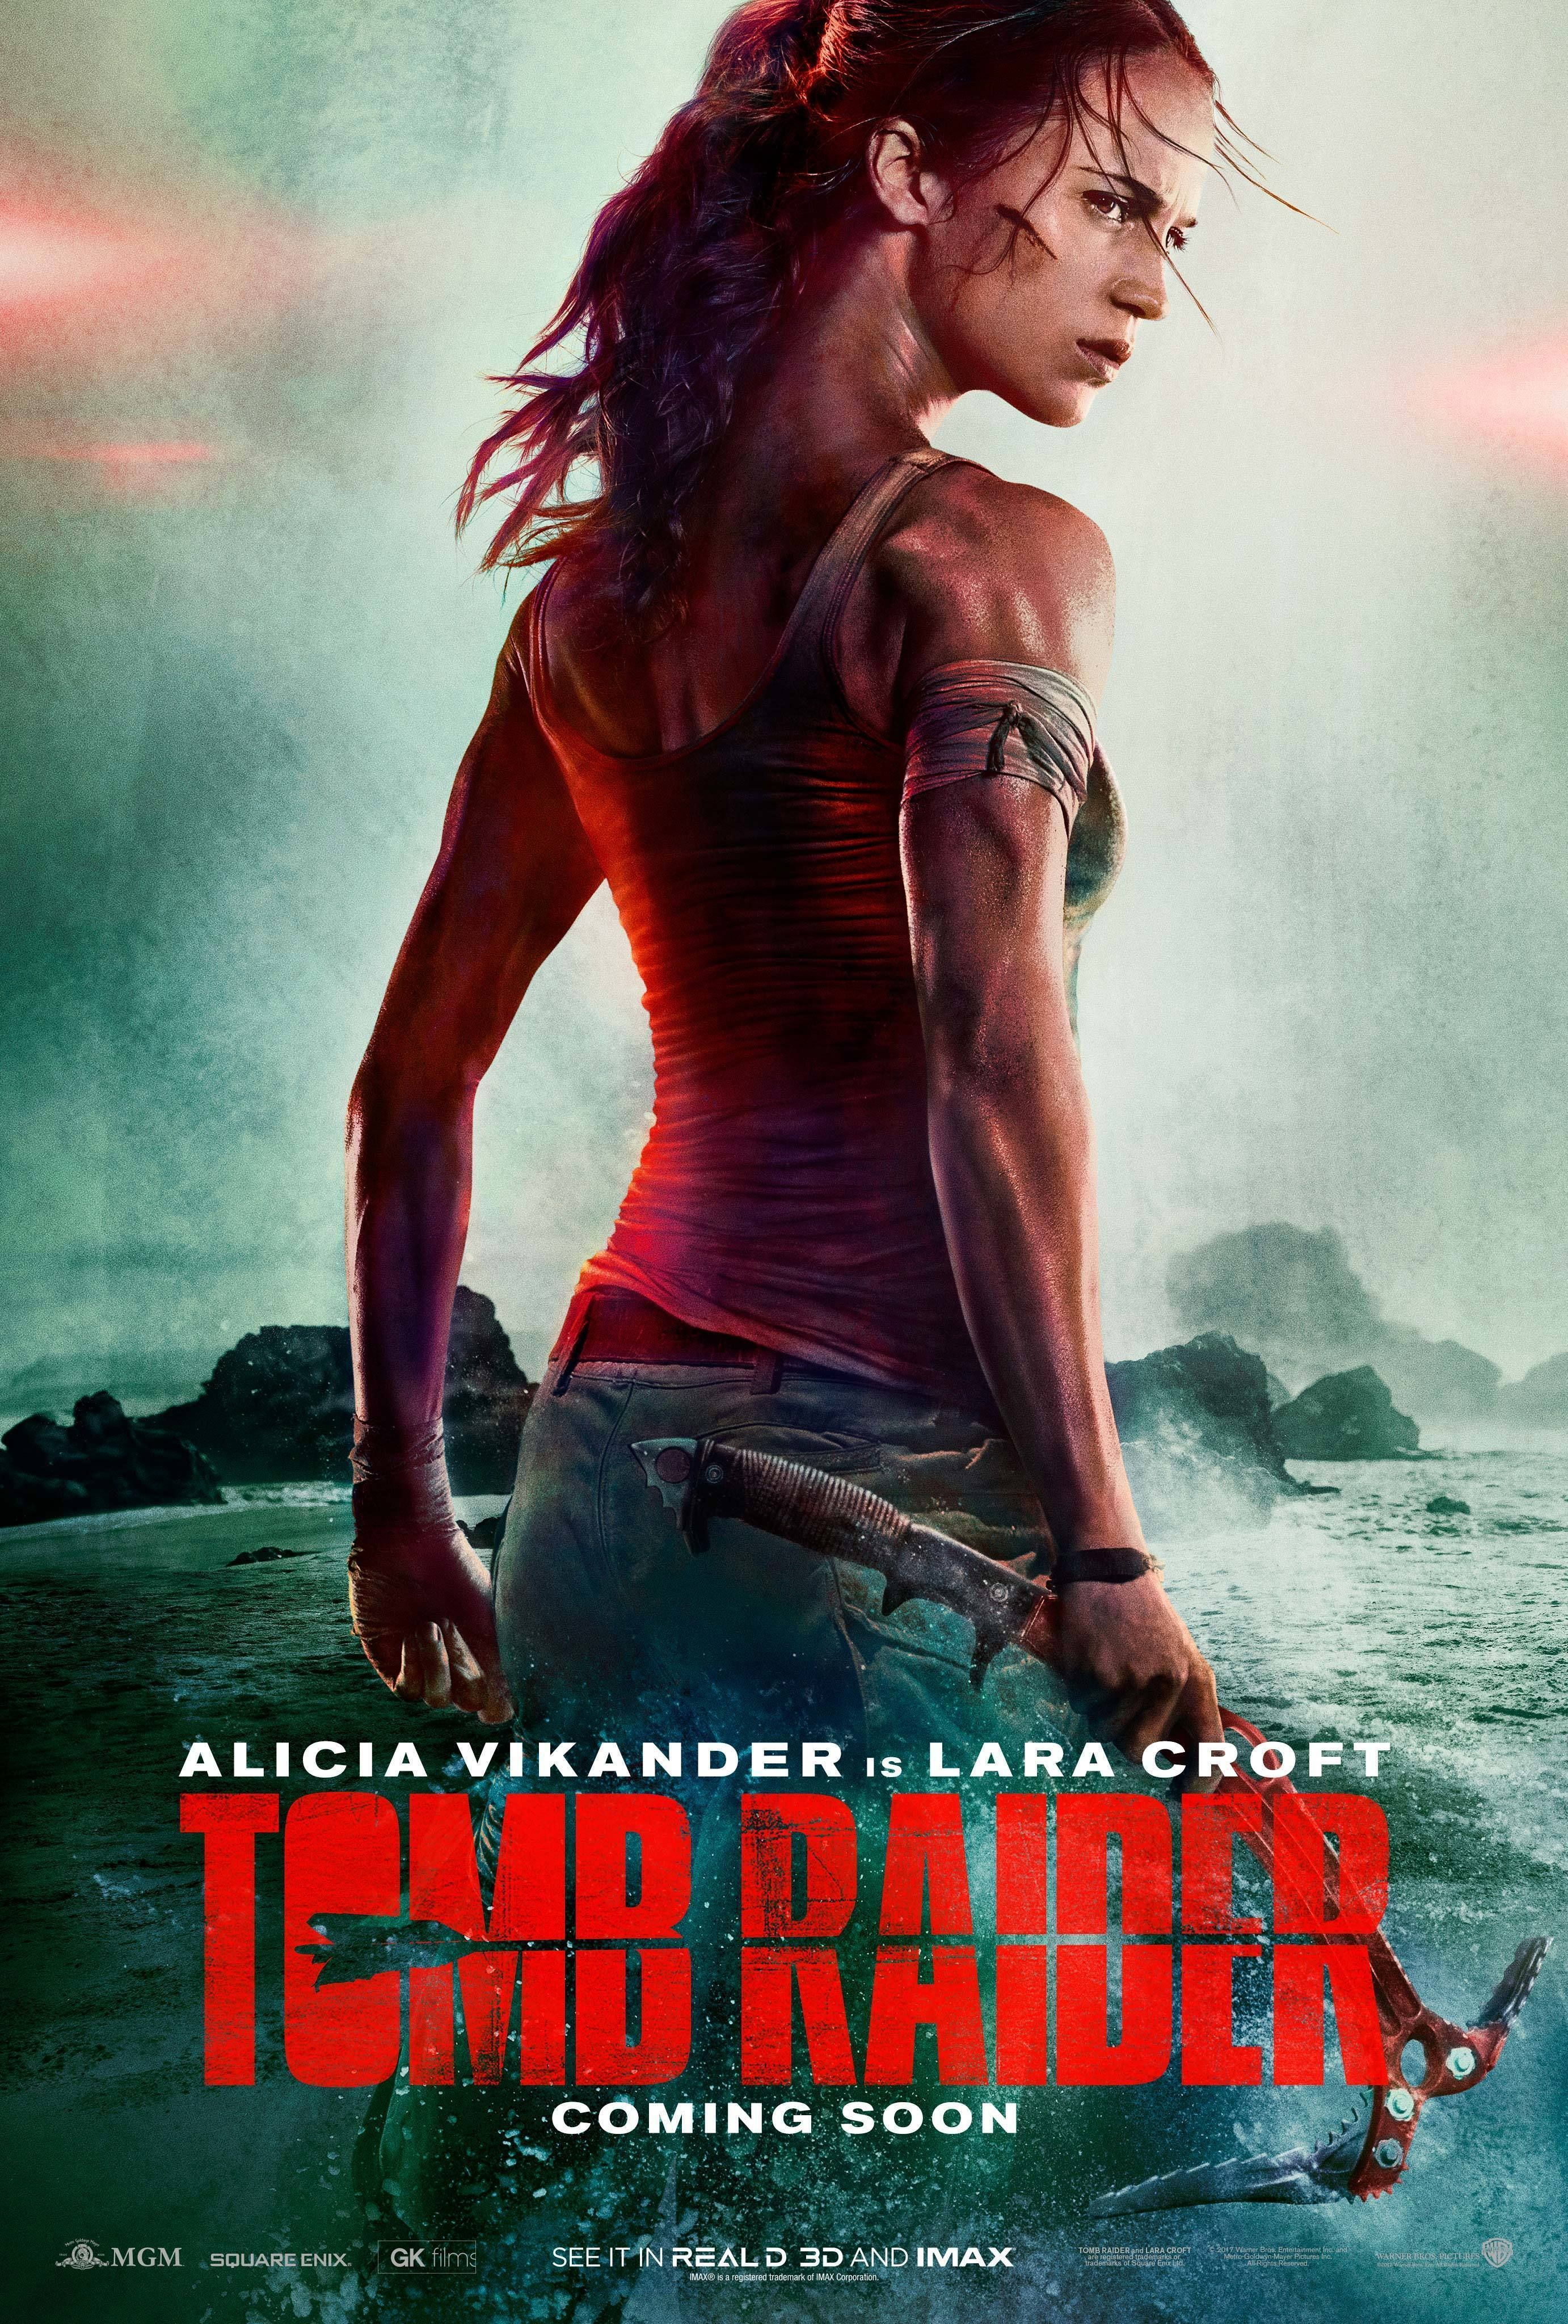 Ver Tomb Raider Pelicula Completa Hd Online Entrepeliculasyseries Ladrones De Tumbas Tomb Raider Películas Completas